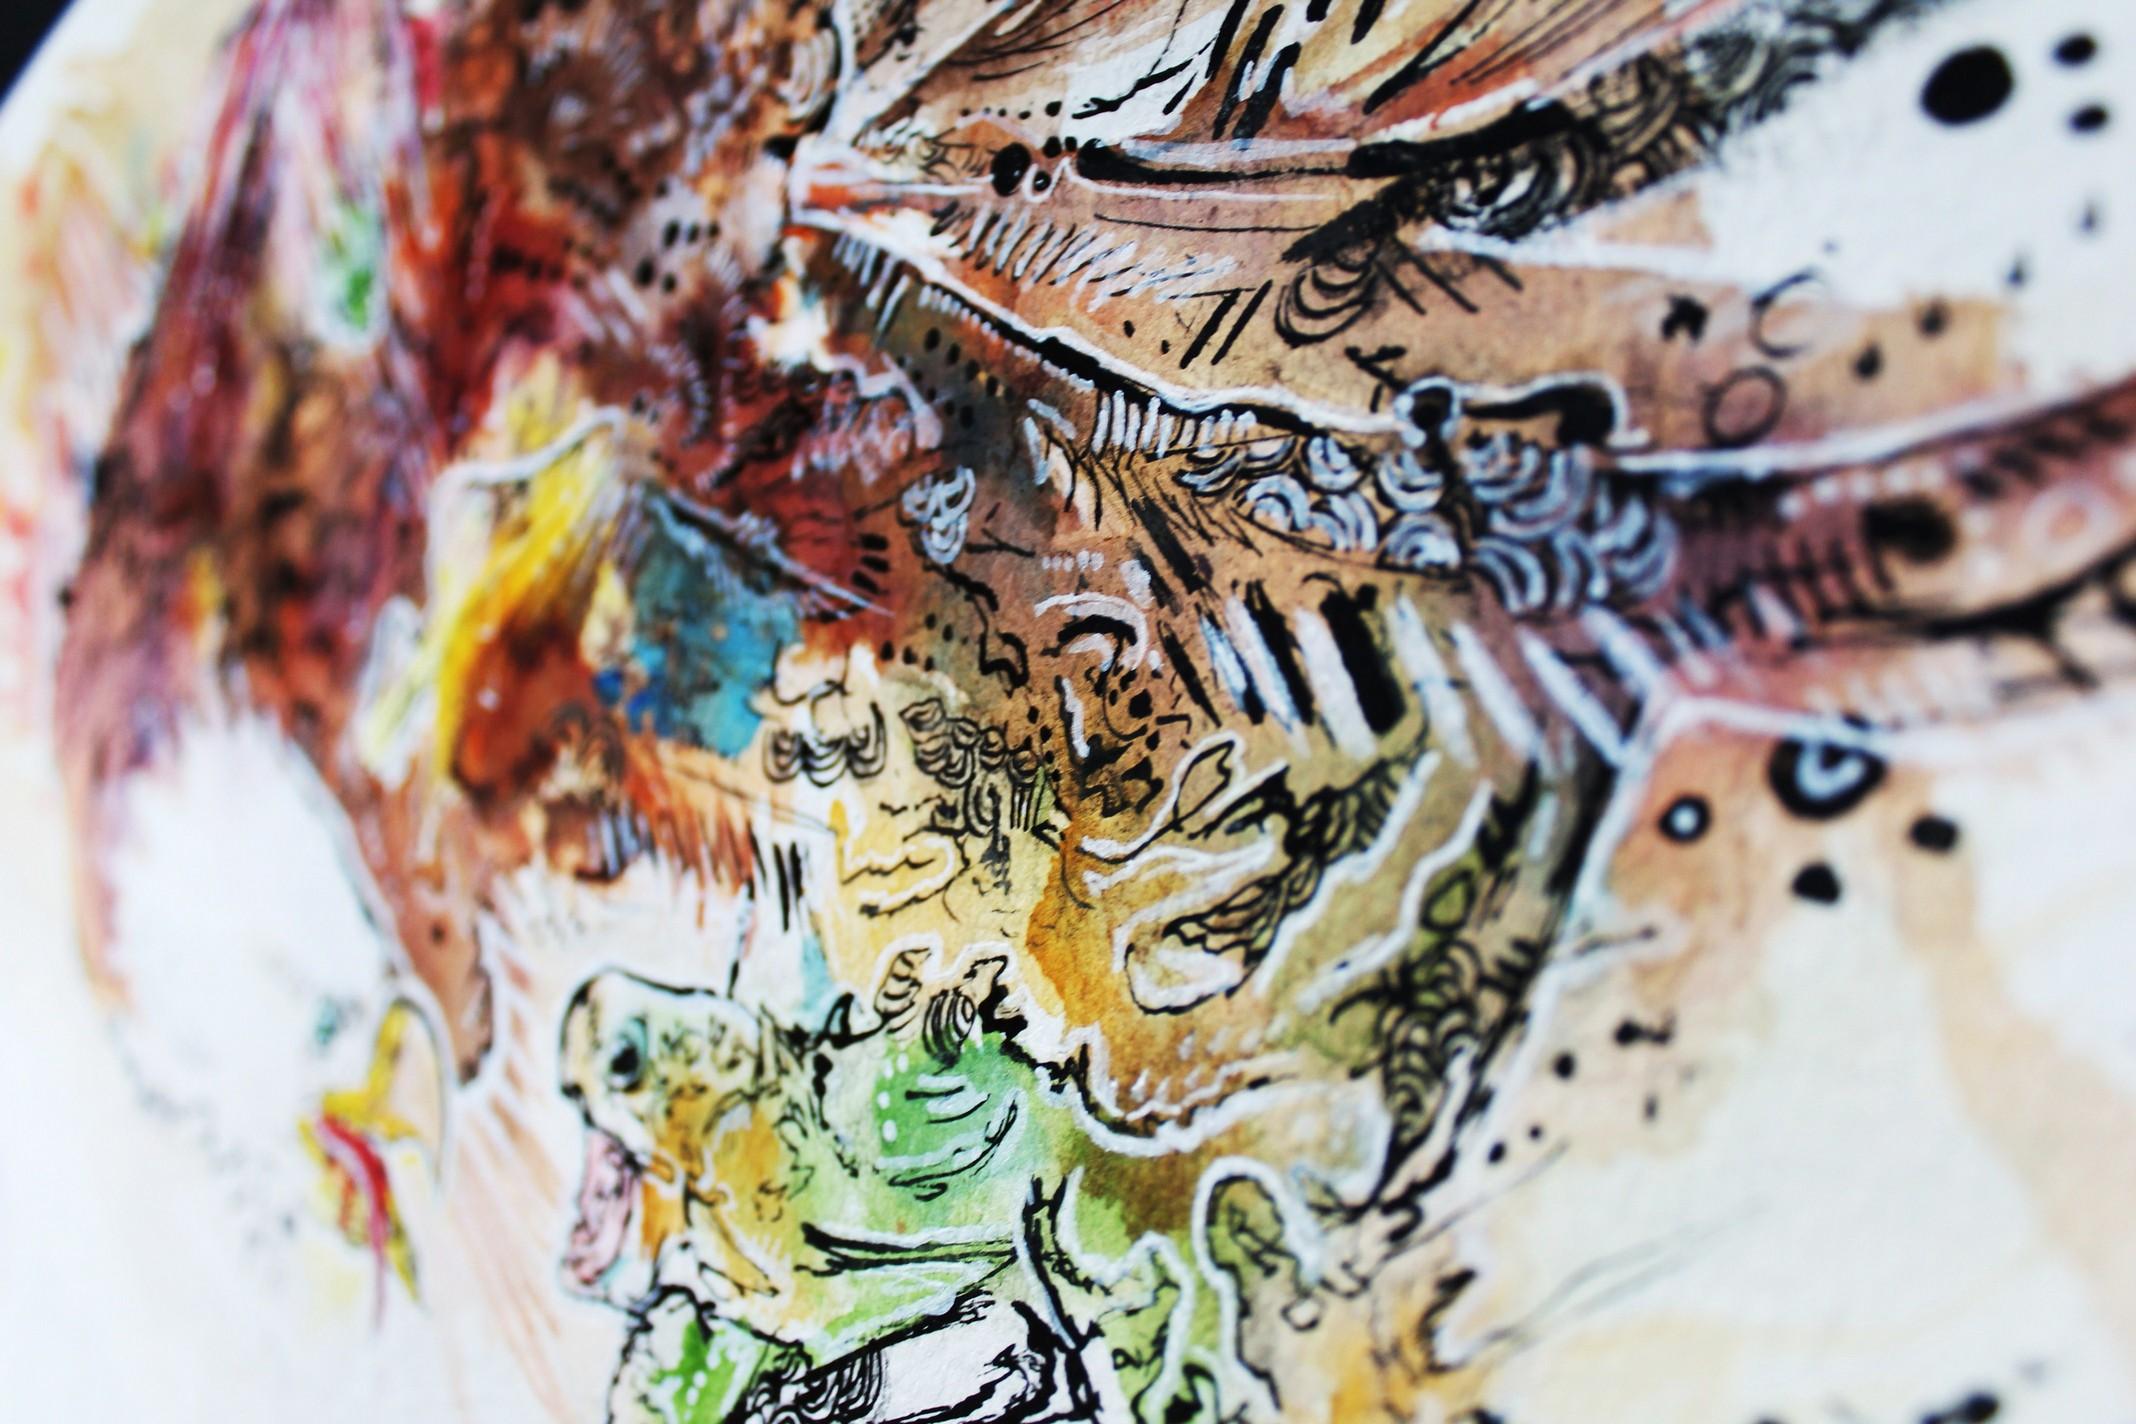 tortoise-eagle-detail6.jpg.JPG